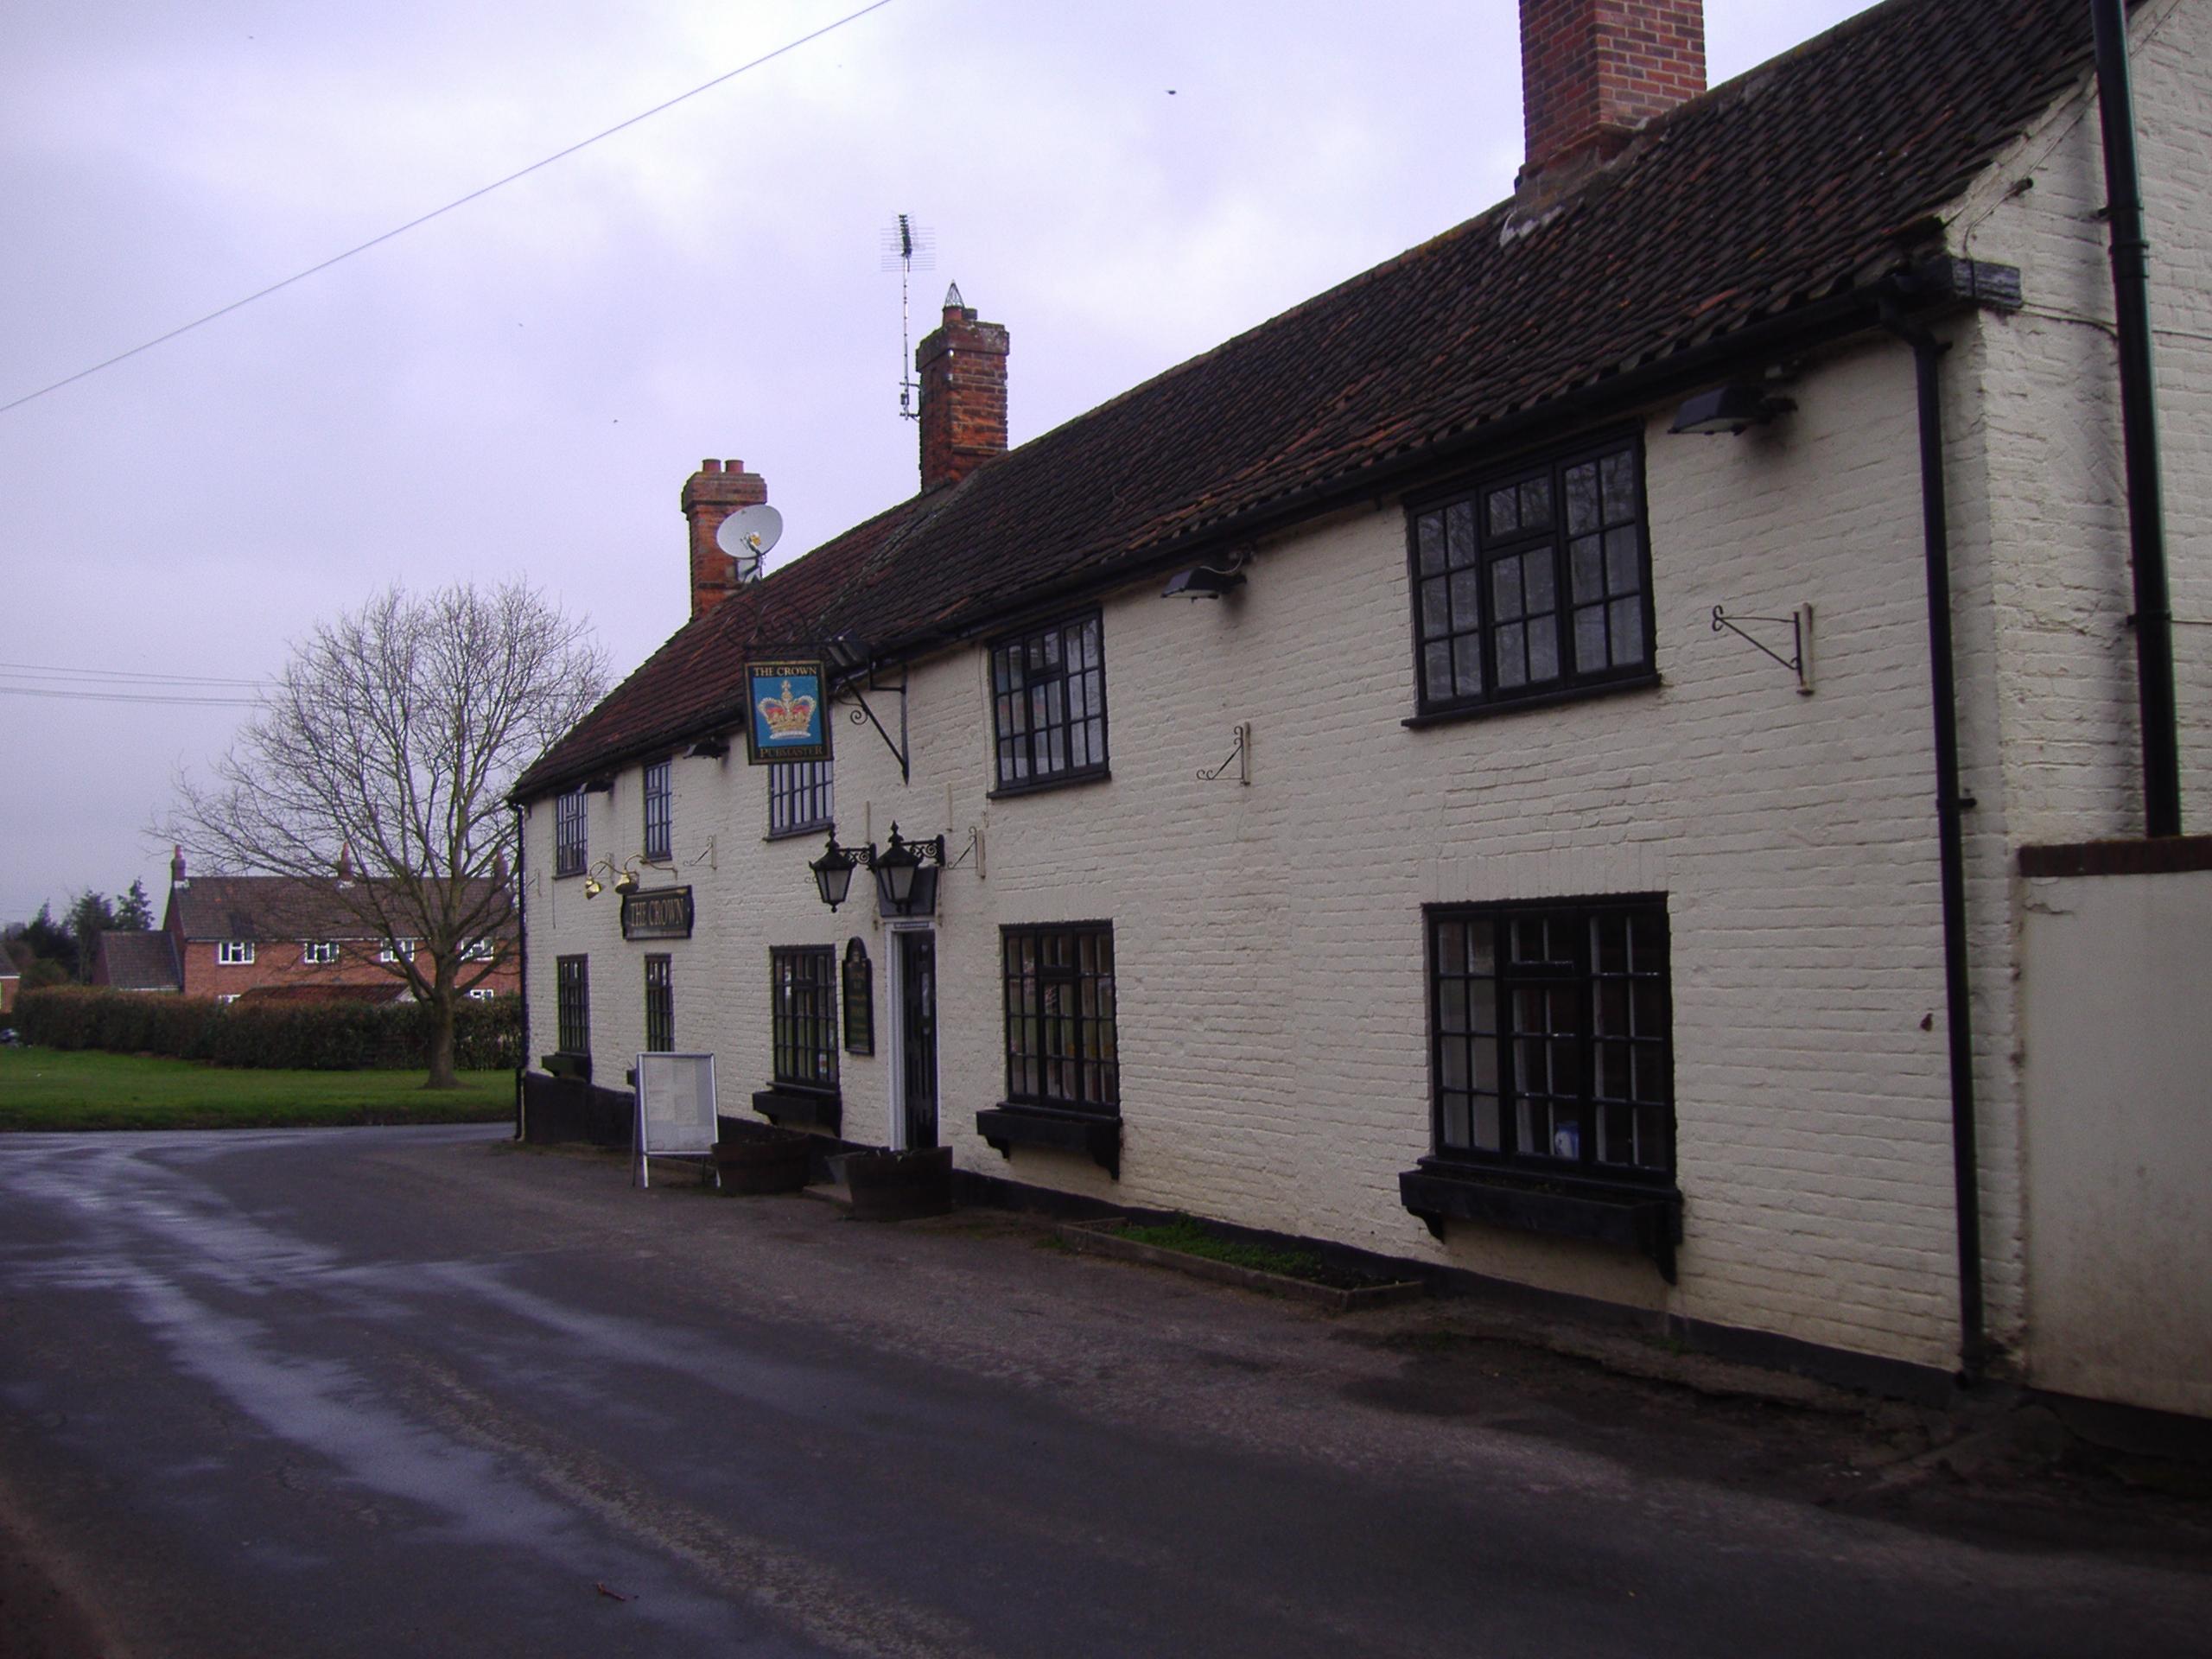 FileCrown public house Banningham Norfolk th March JPG